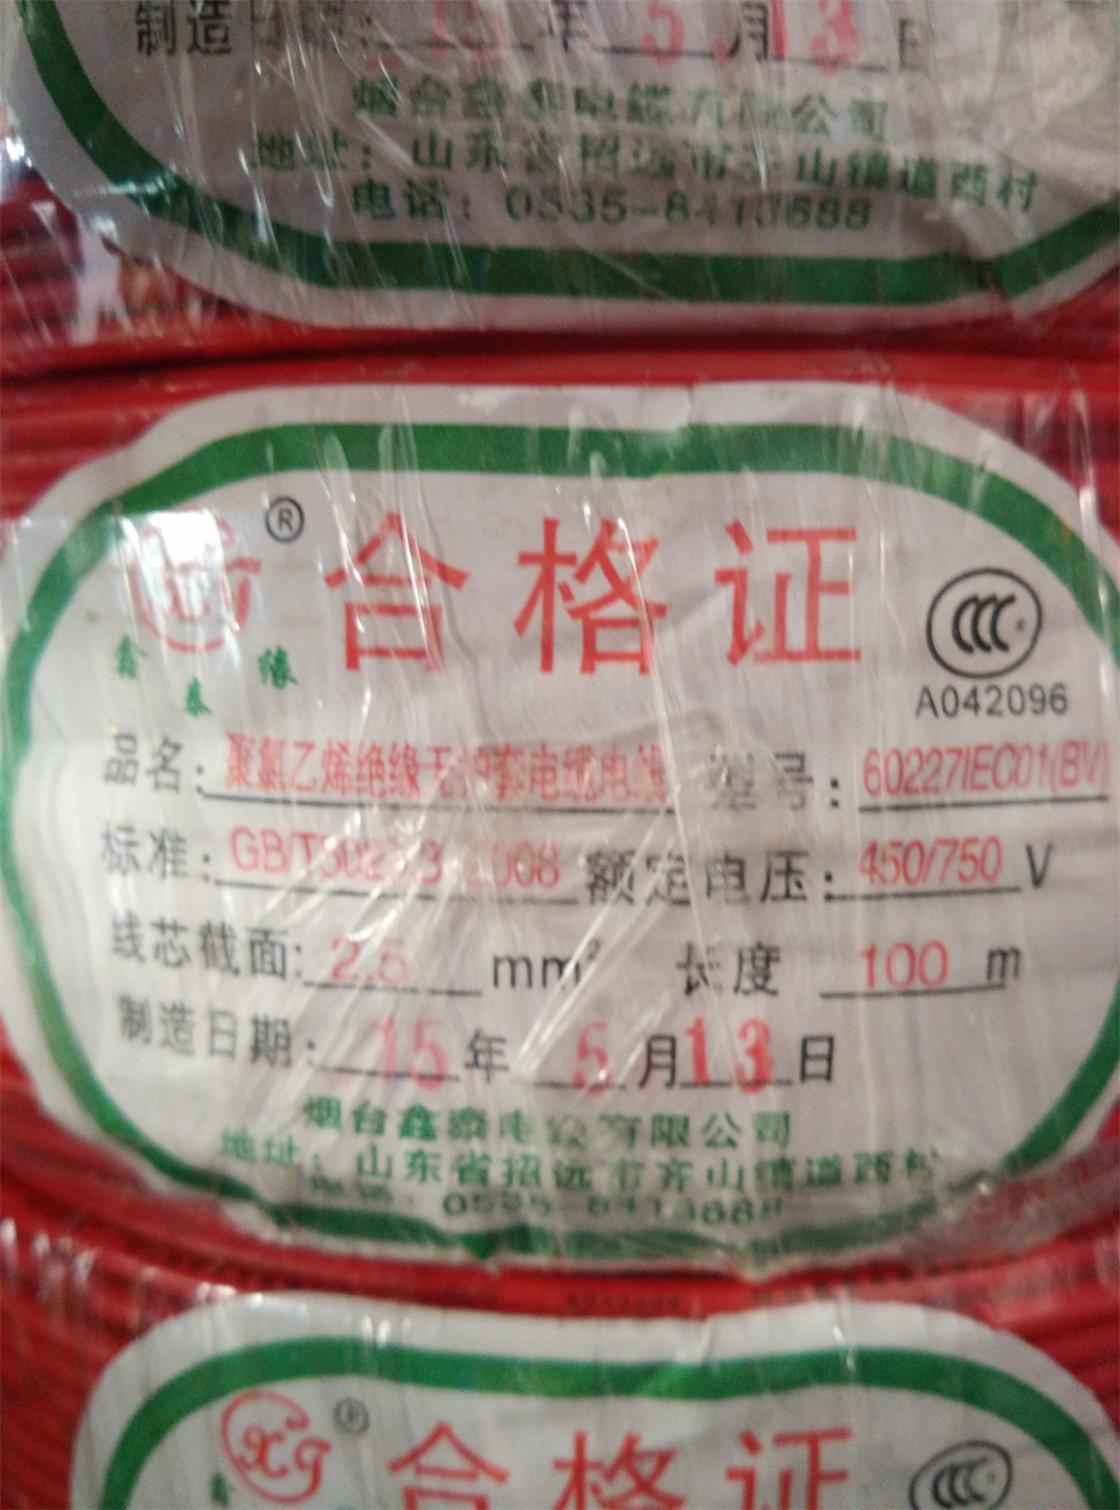 供应聚氯乙烯绝缘无护套电缆电线 60227IEC01(BV)2.5